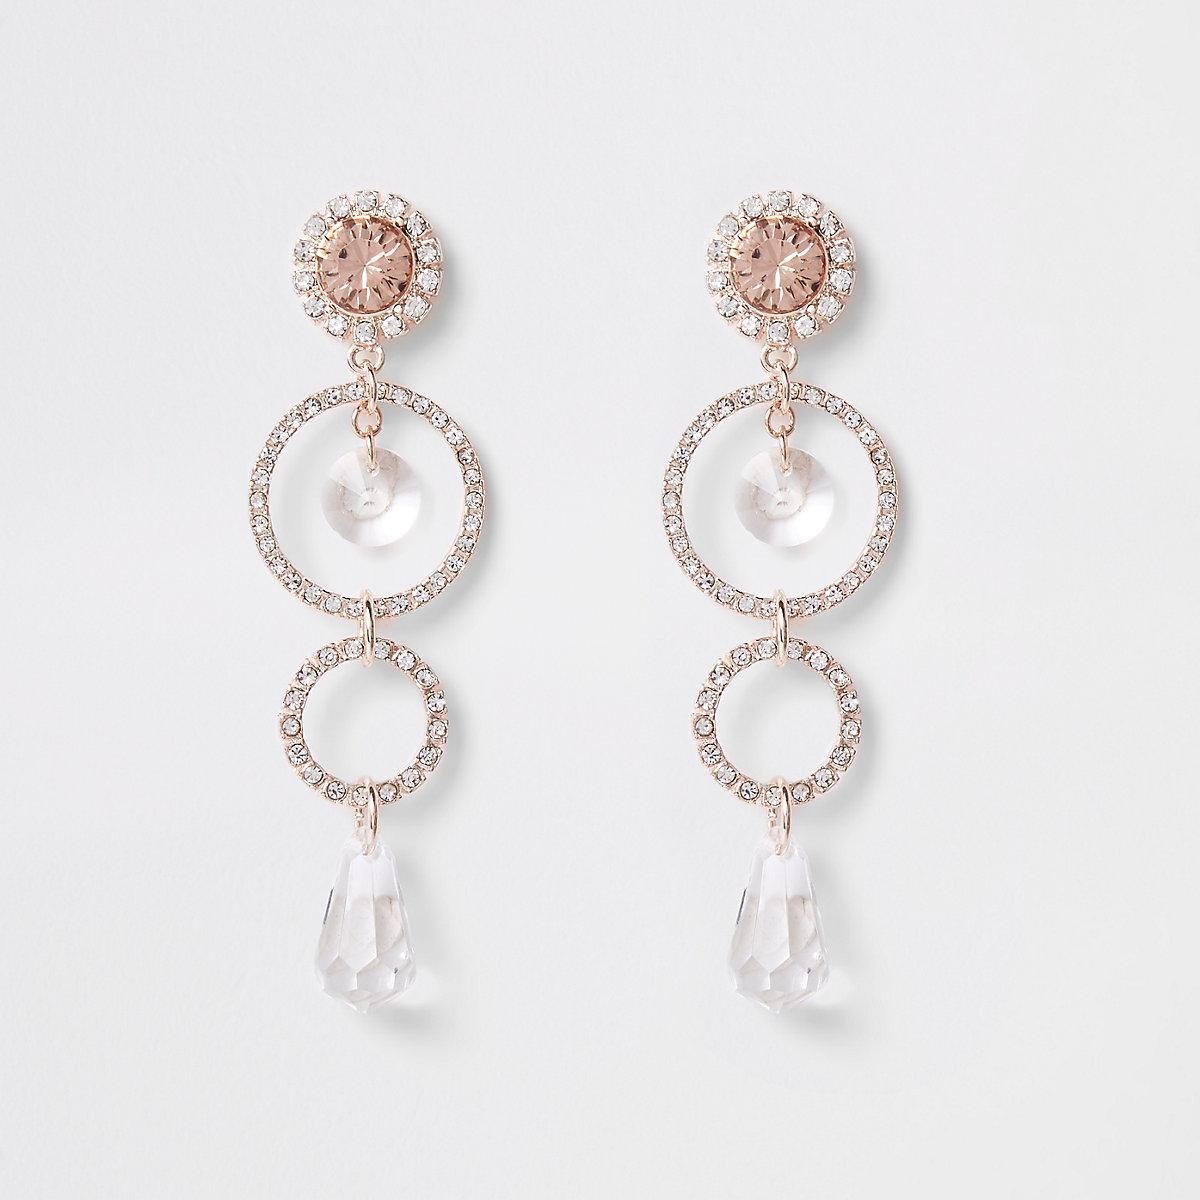 Rose gold tone circle pendant drop earrings